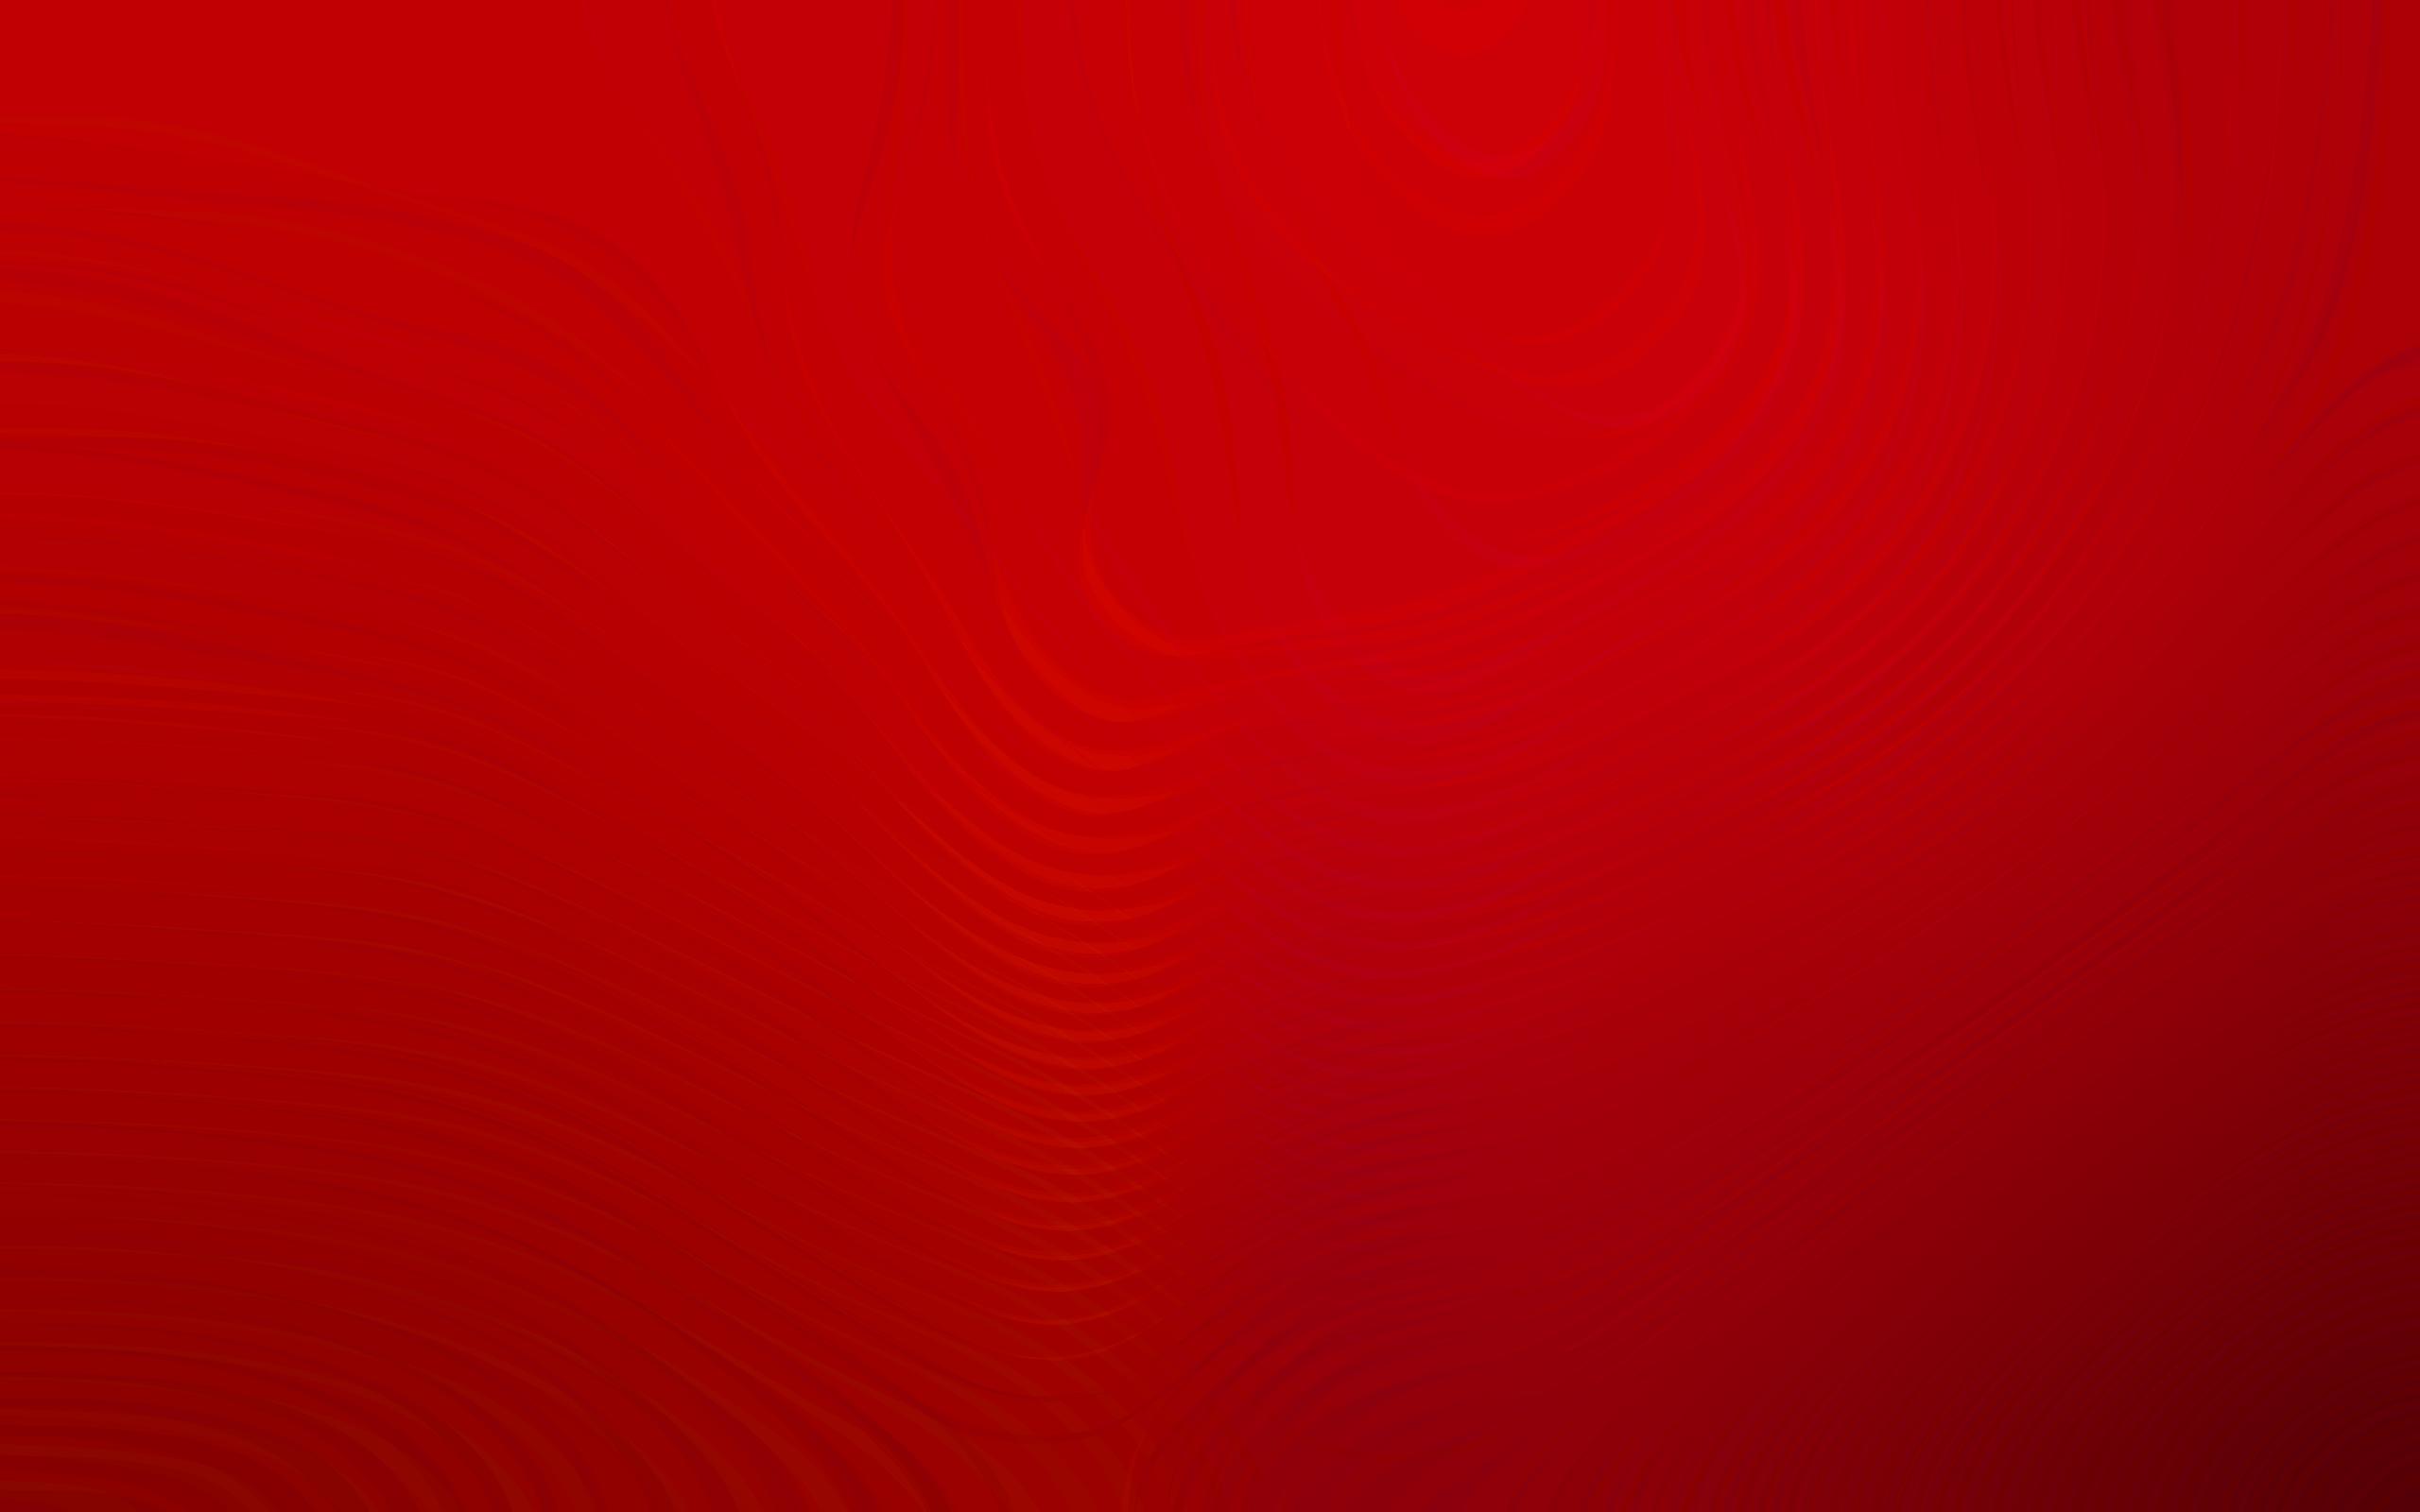 Red Wallpaper   Best HD Wallpaper 2560x1600